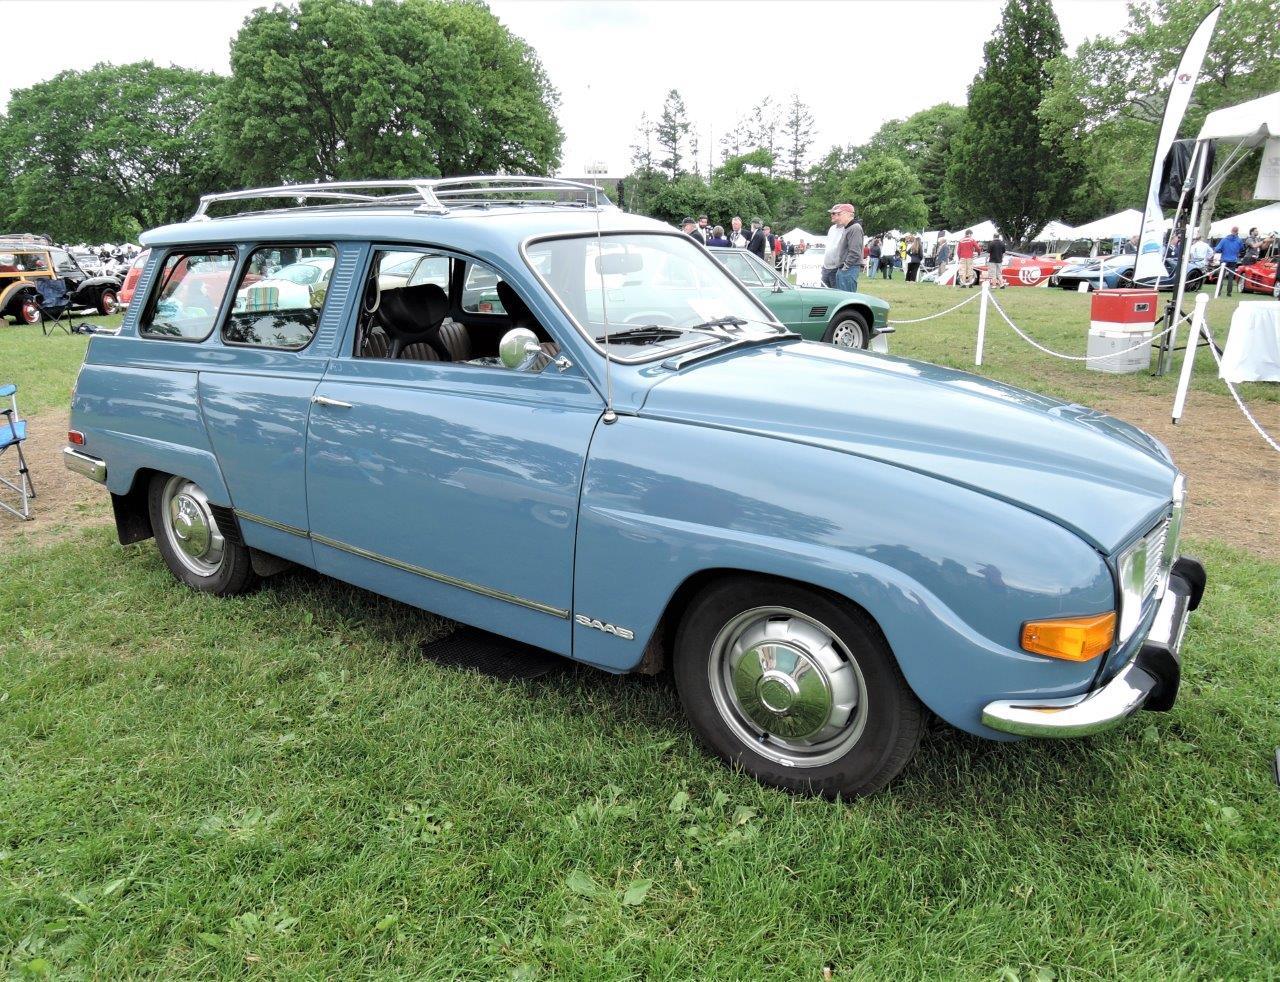 blue 1972 SAAB 95 Wagon - 2018 Greenwich Concours International